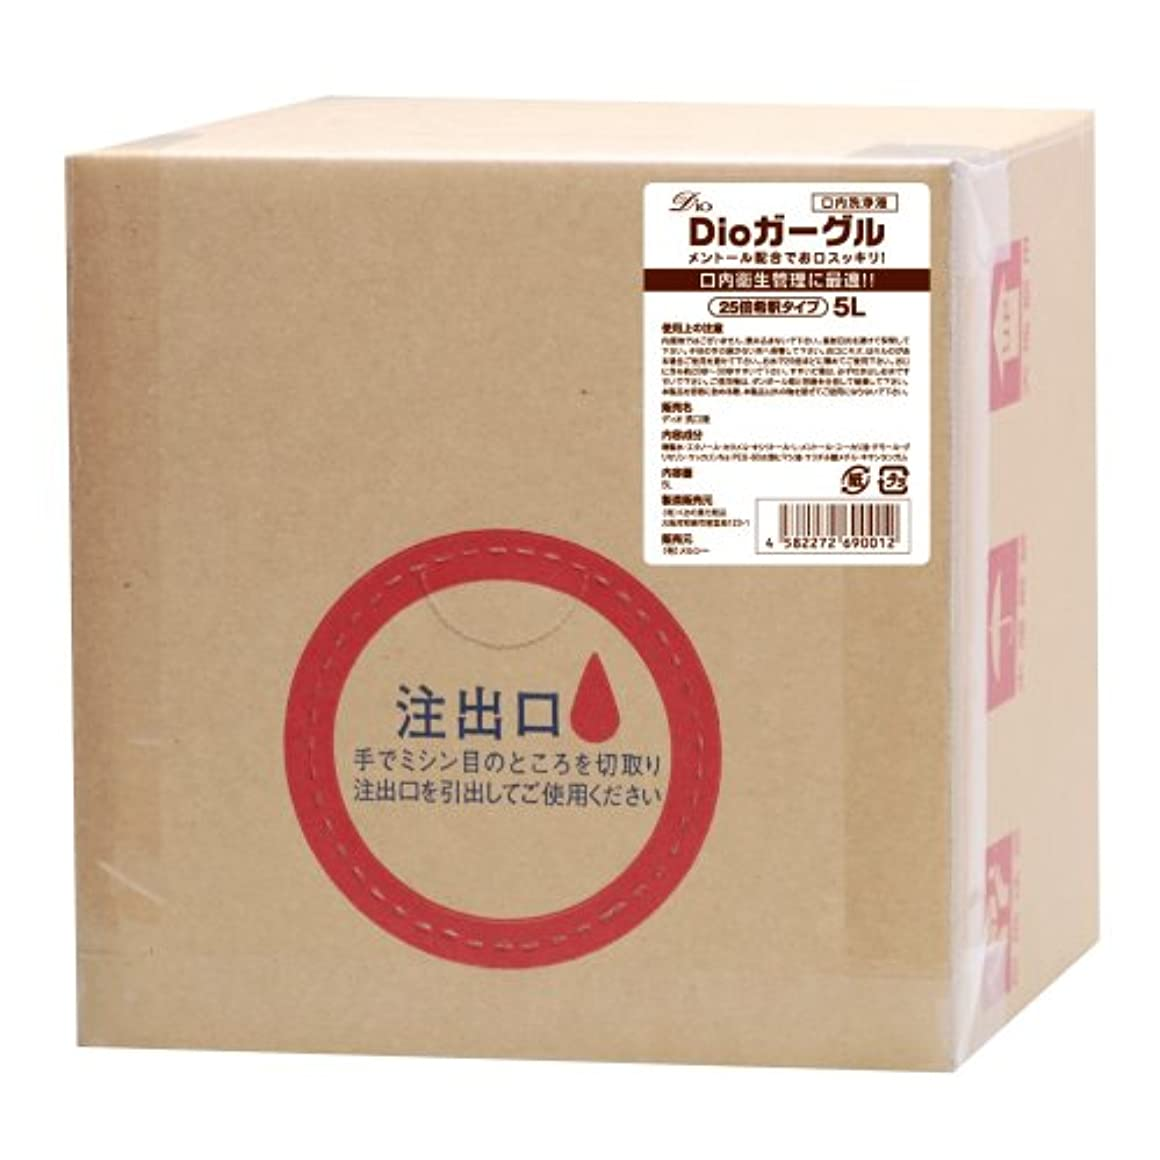 潮蜂キュービック【業務用】 Dioガーグル 5L